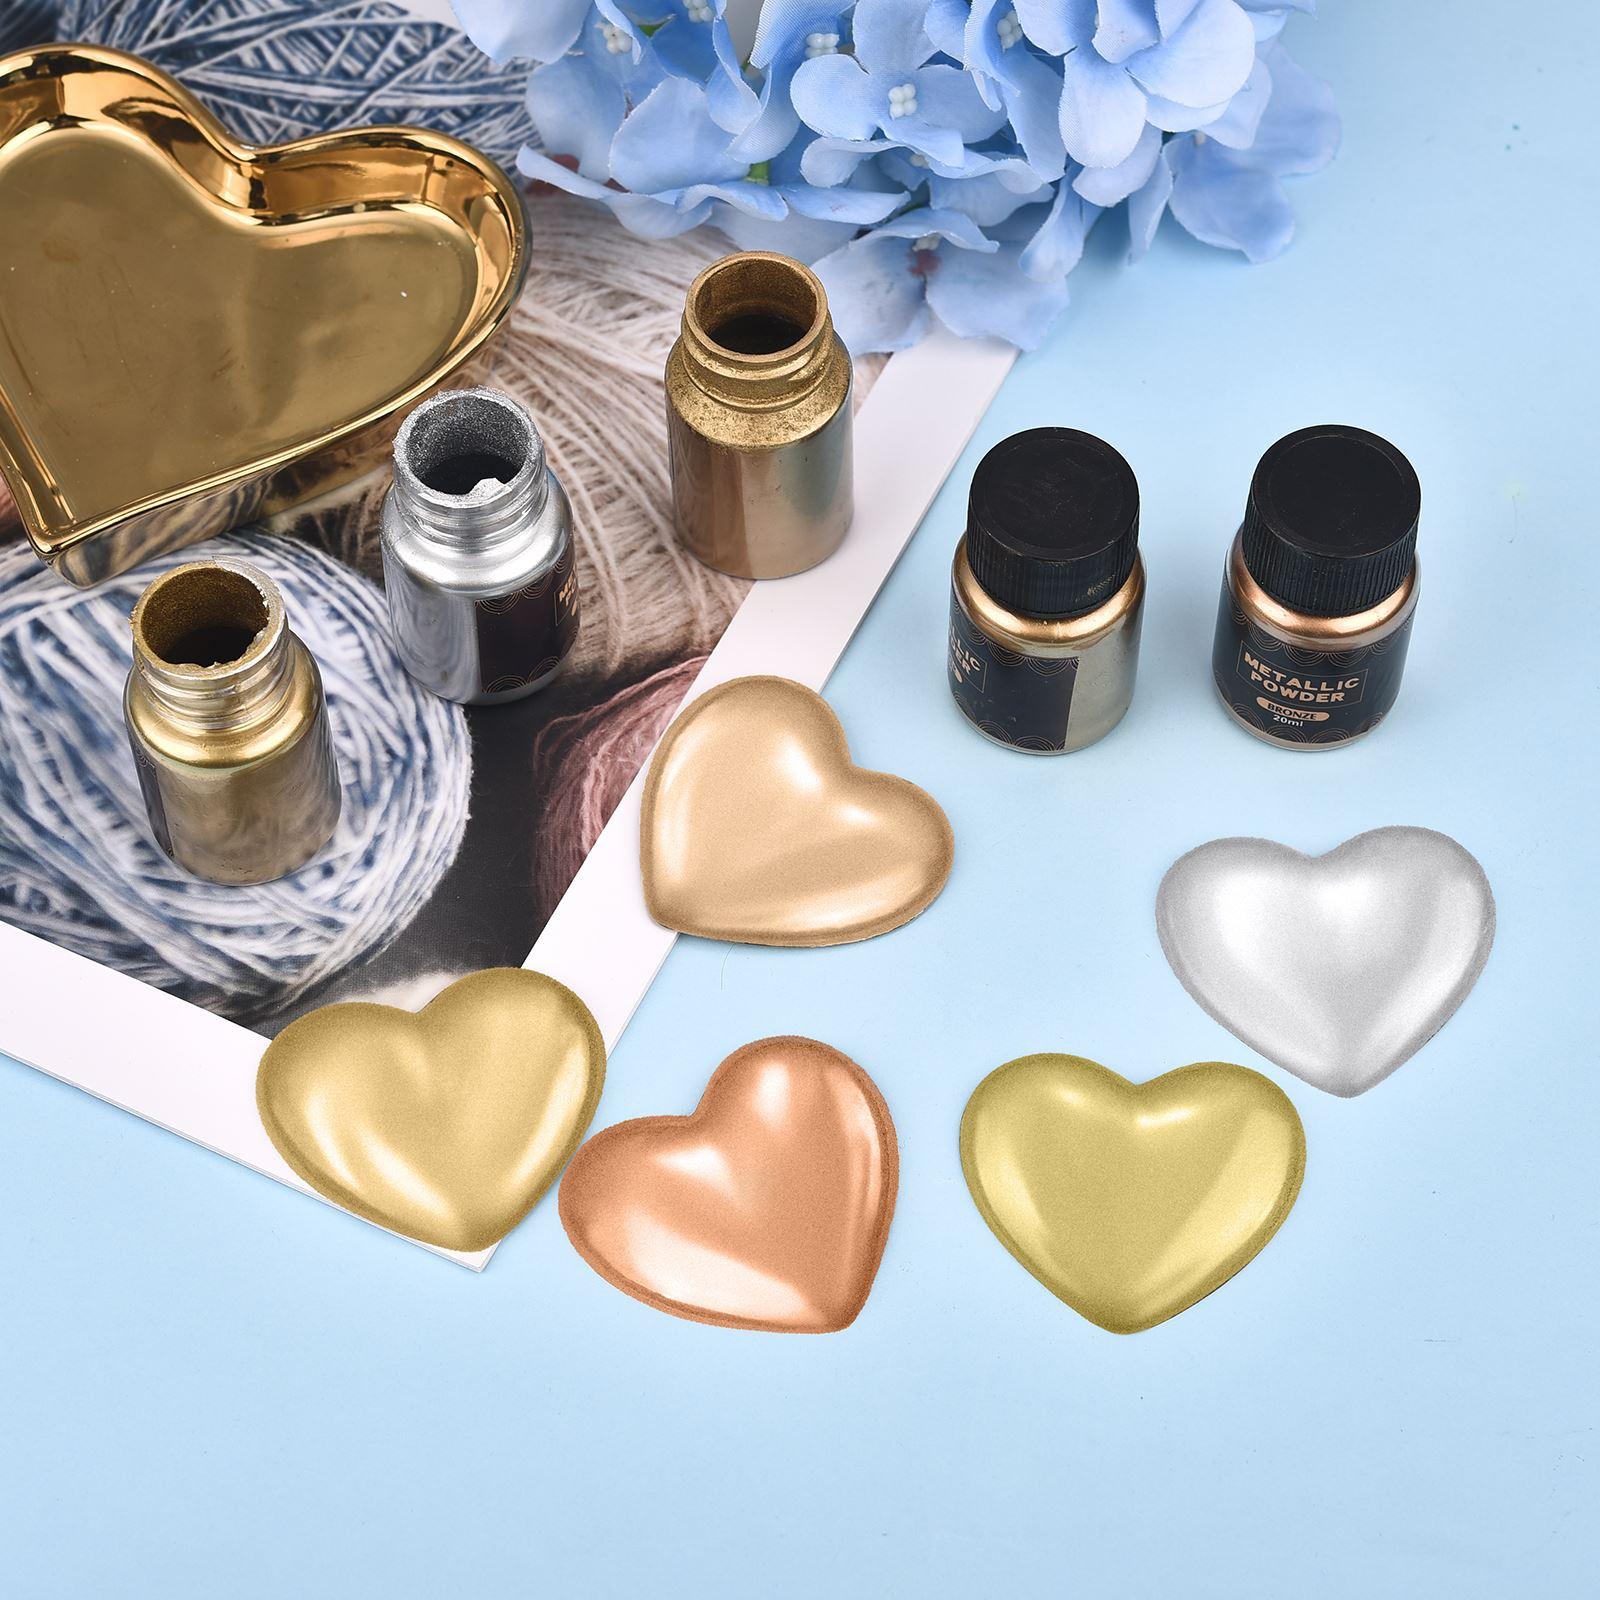 Металлический-порошок-пигменты-из-смолы-мерцающий-золотой-серебряный-цвет-перламутровая-краска-для-«сделай-сам»-форма-для-УФ-смолы-для